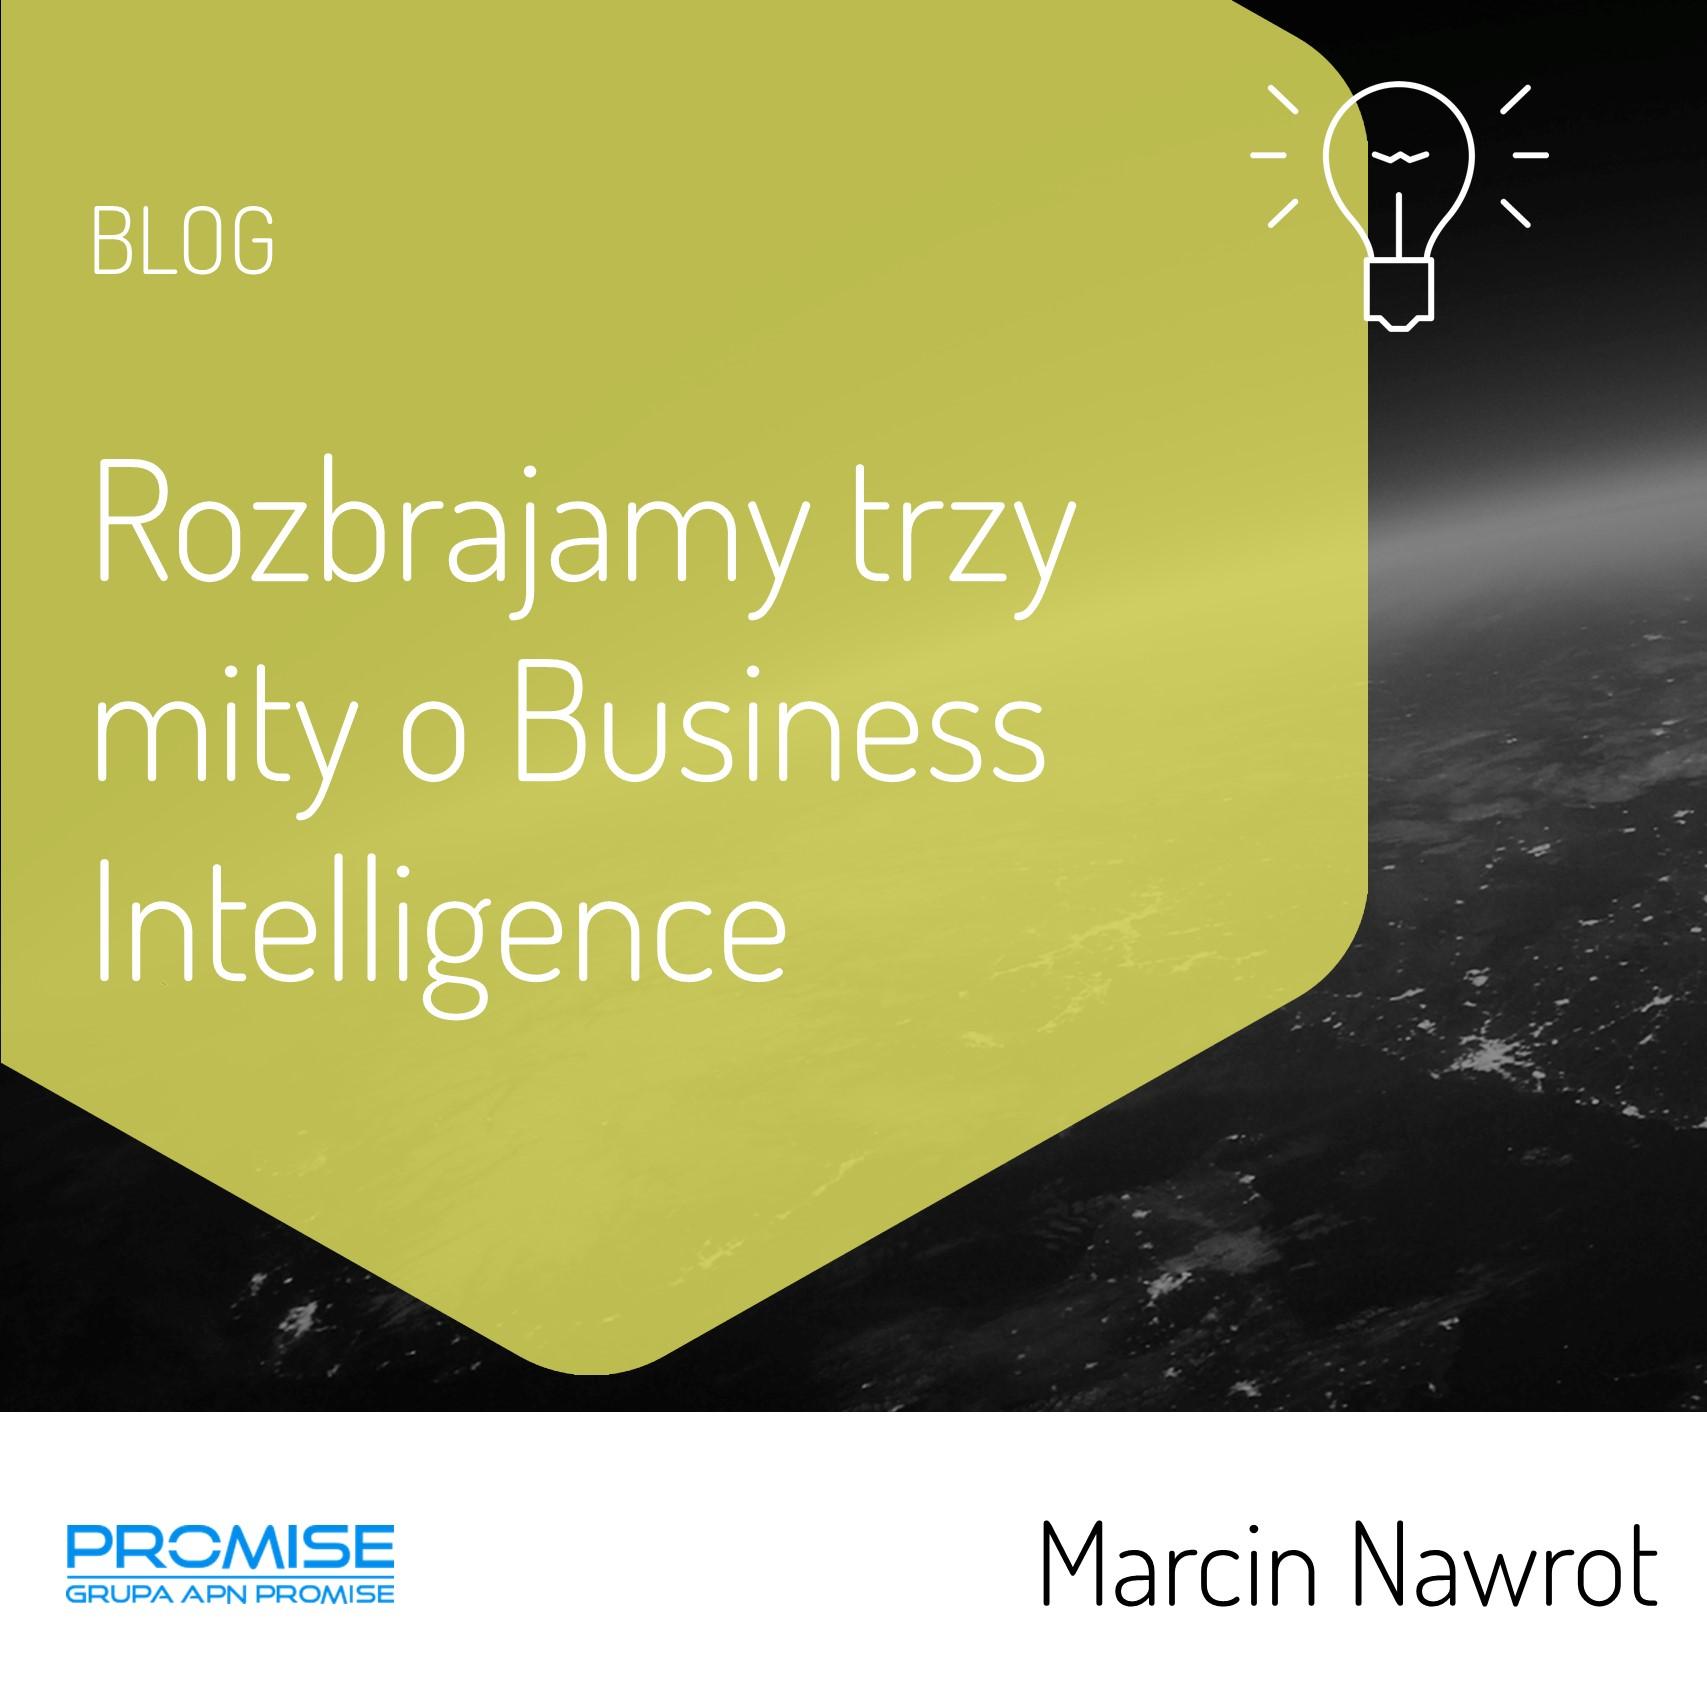 Rozbrajamy trzy mity o Business Intelligence